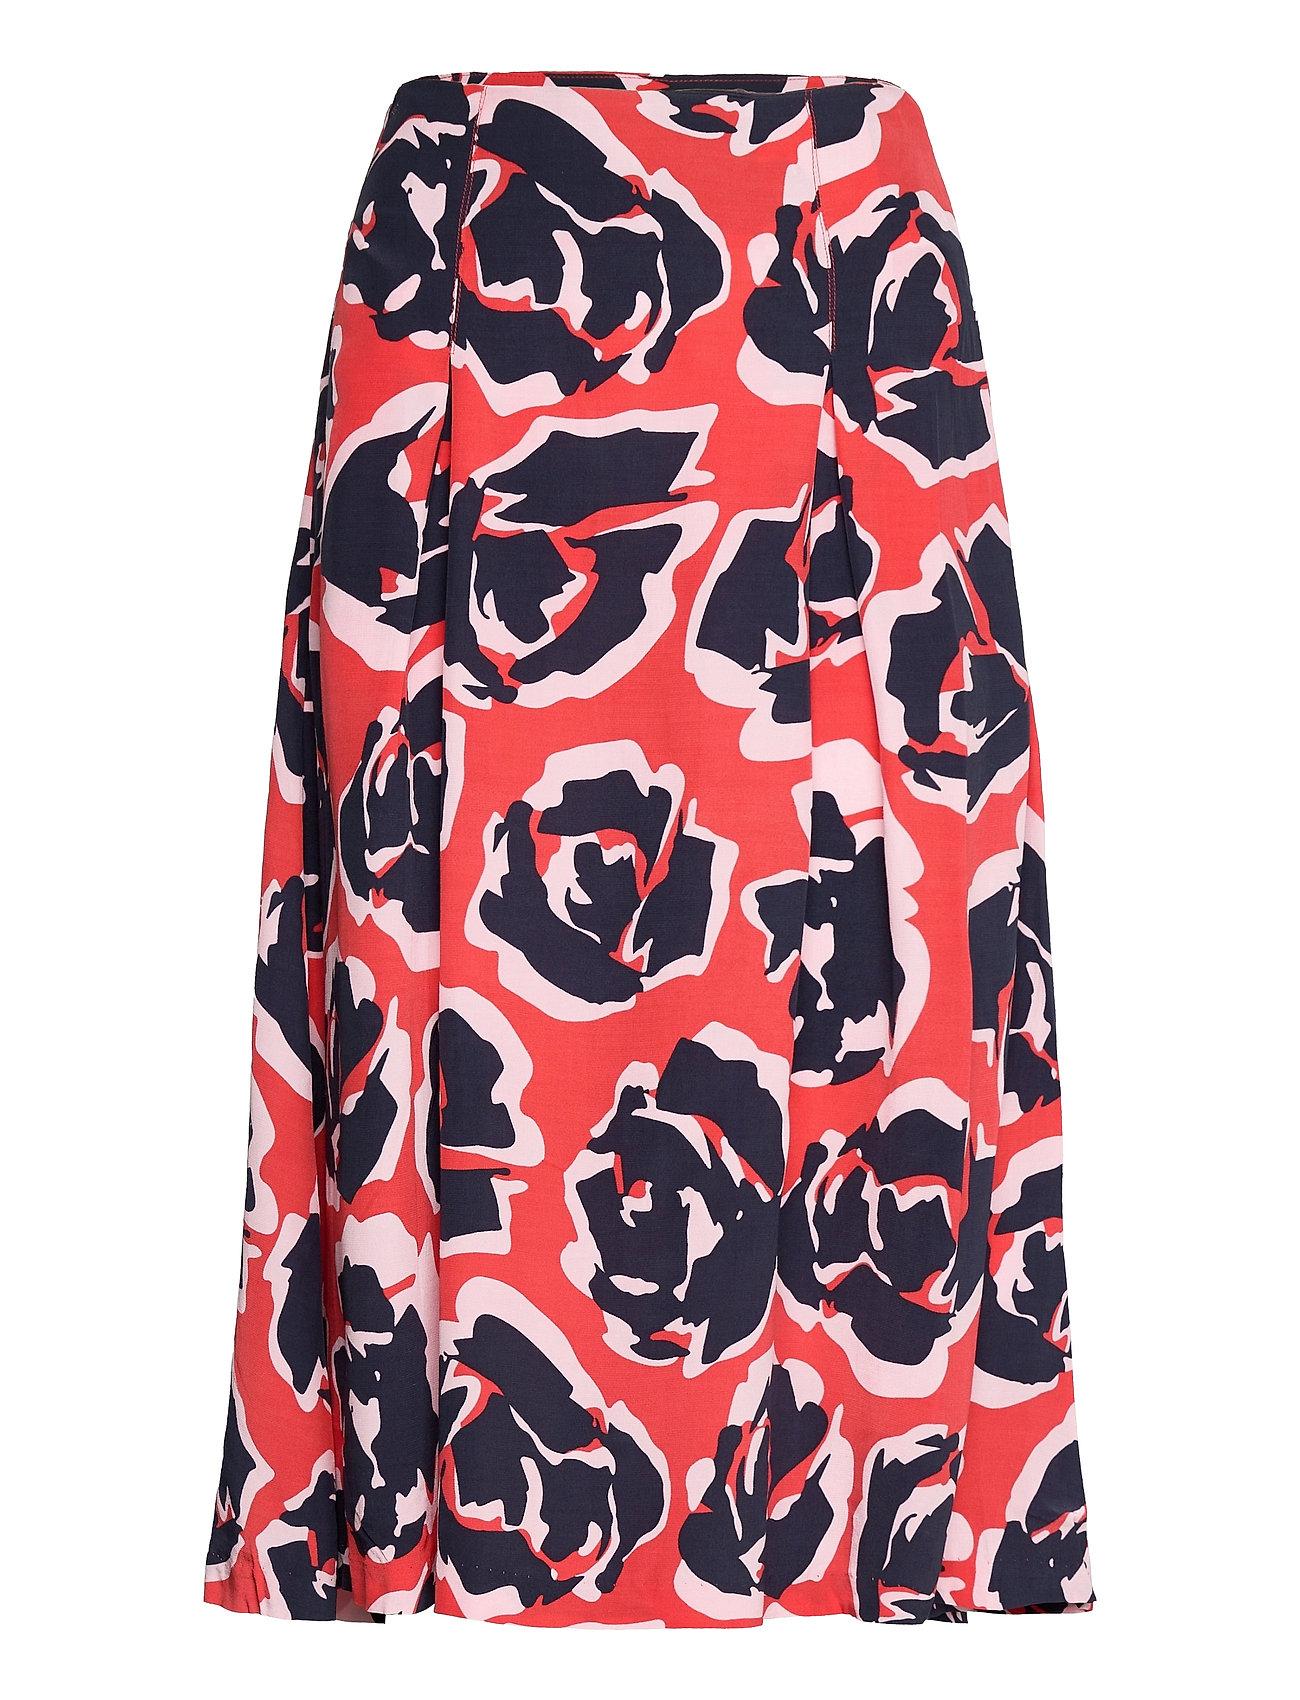 Skirt Printed Knælang Nederdel Rød Park Lane